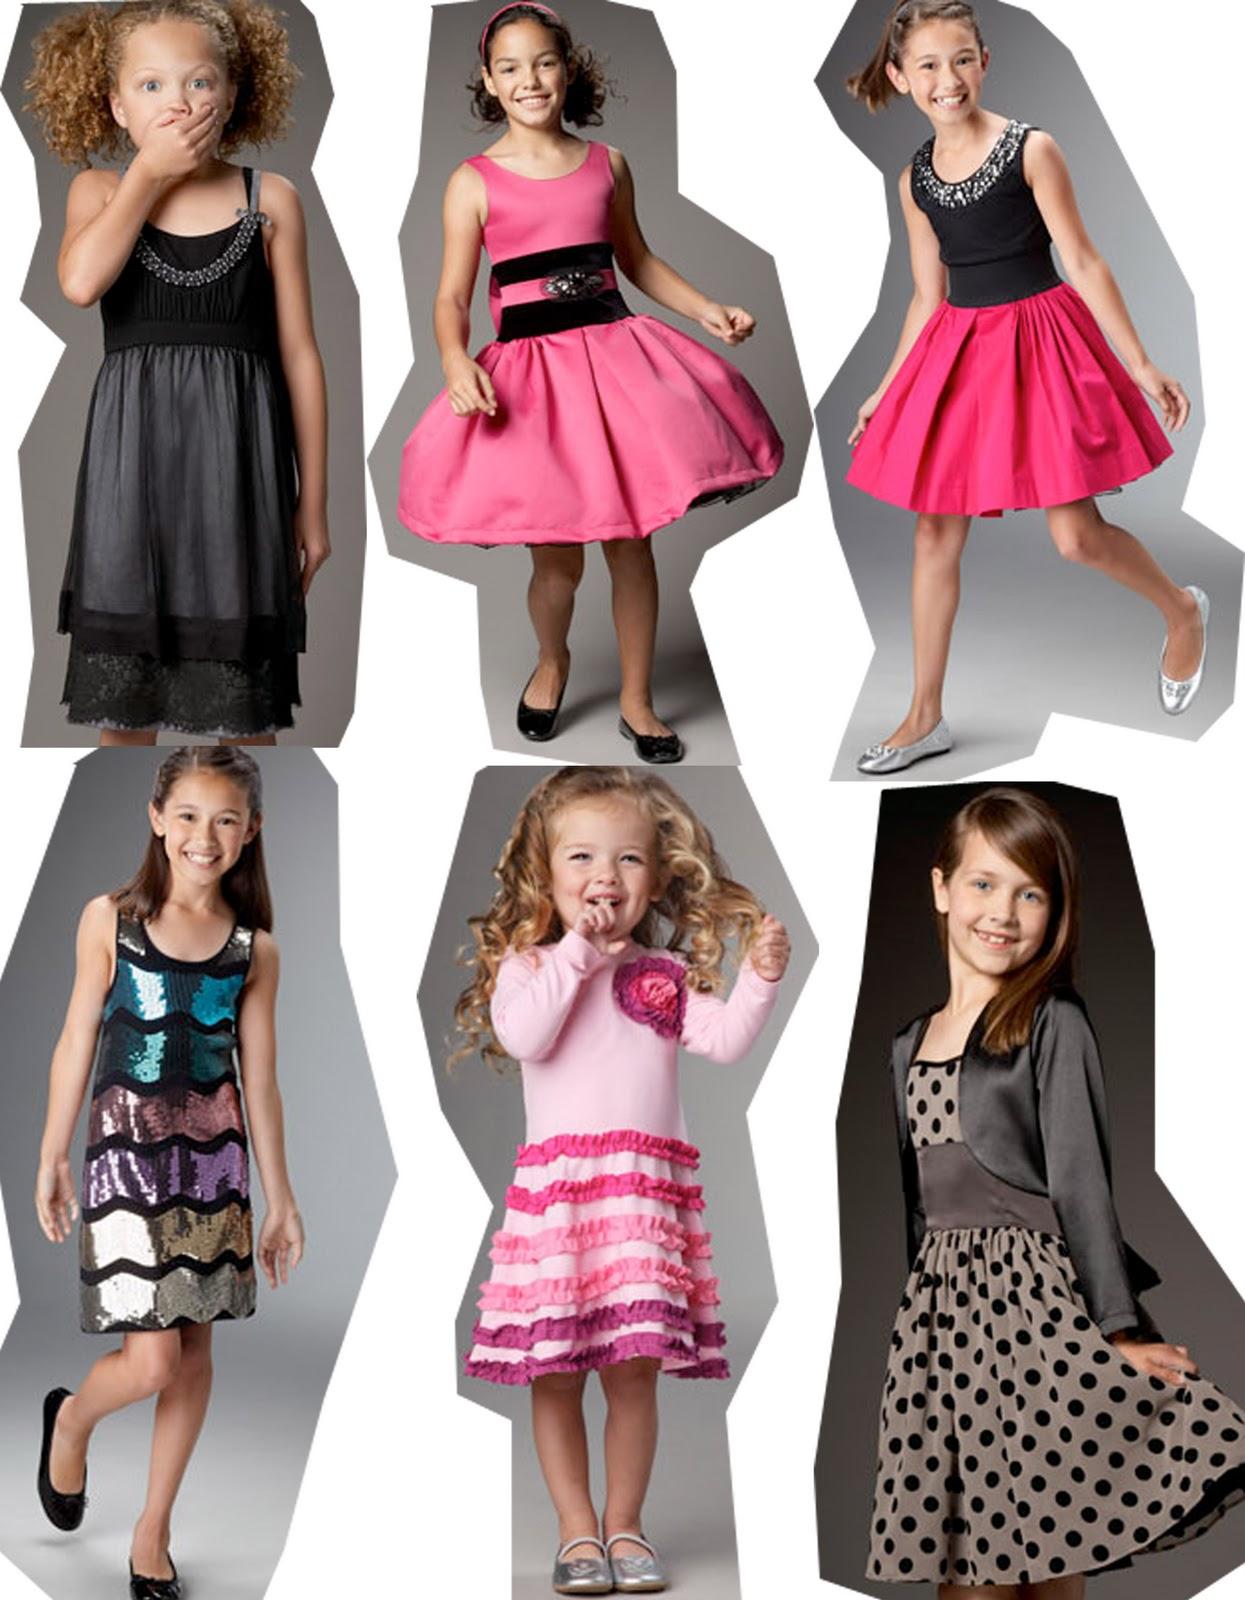 Descubra uma seleção alargada de roupa infantil com tudo o que precisa para o seu dia-a-dia, vestidos menina, saias, blusas, camisolas, t-shirts e roupa de desporto infantil. Pode encontrar também uma grande variedade de calçado infantil, com sandálias, sapatilhas menina, chinelos, bailarinas e .